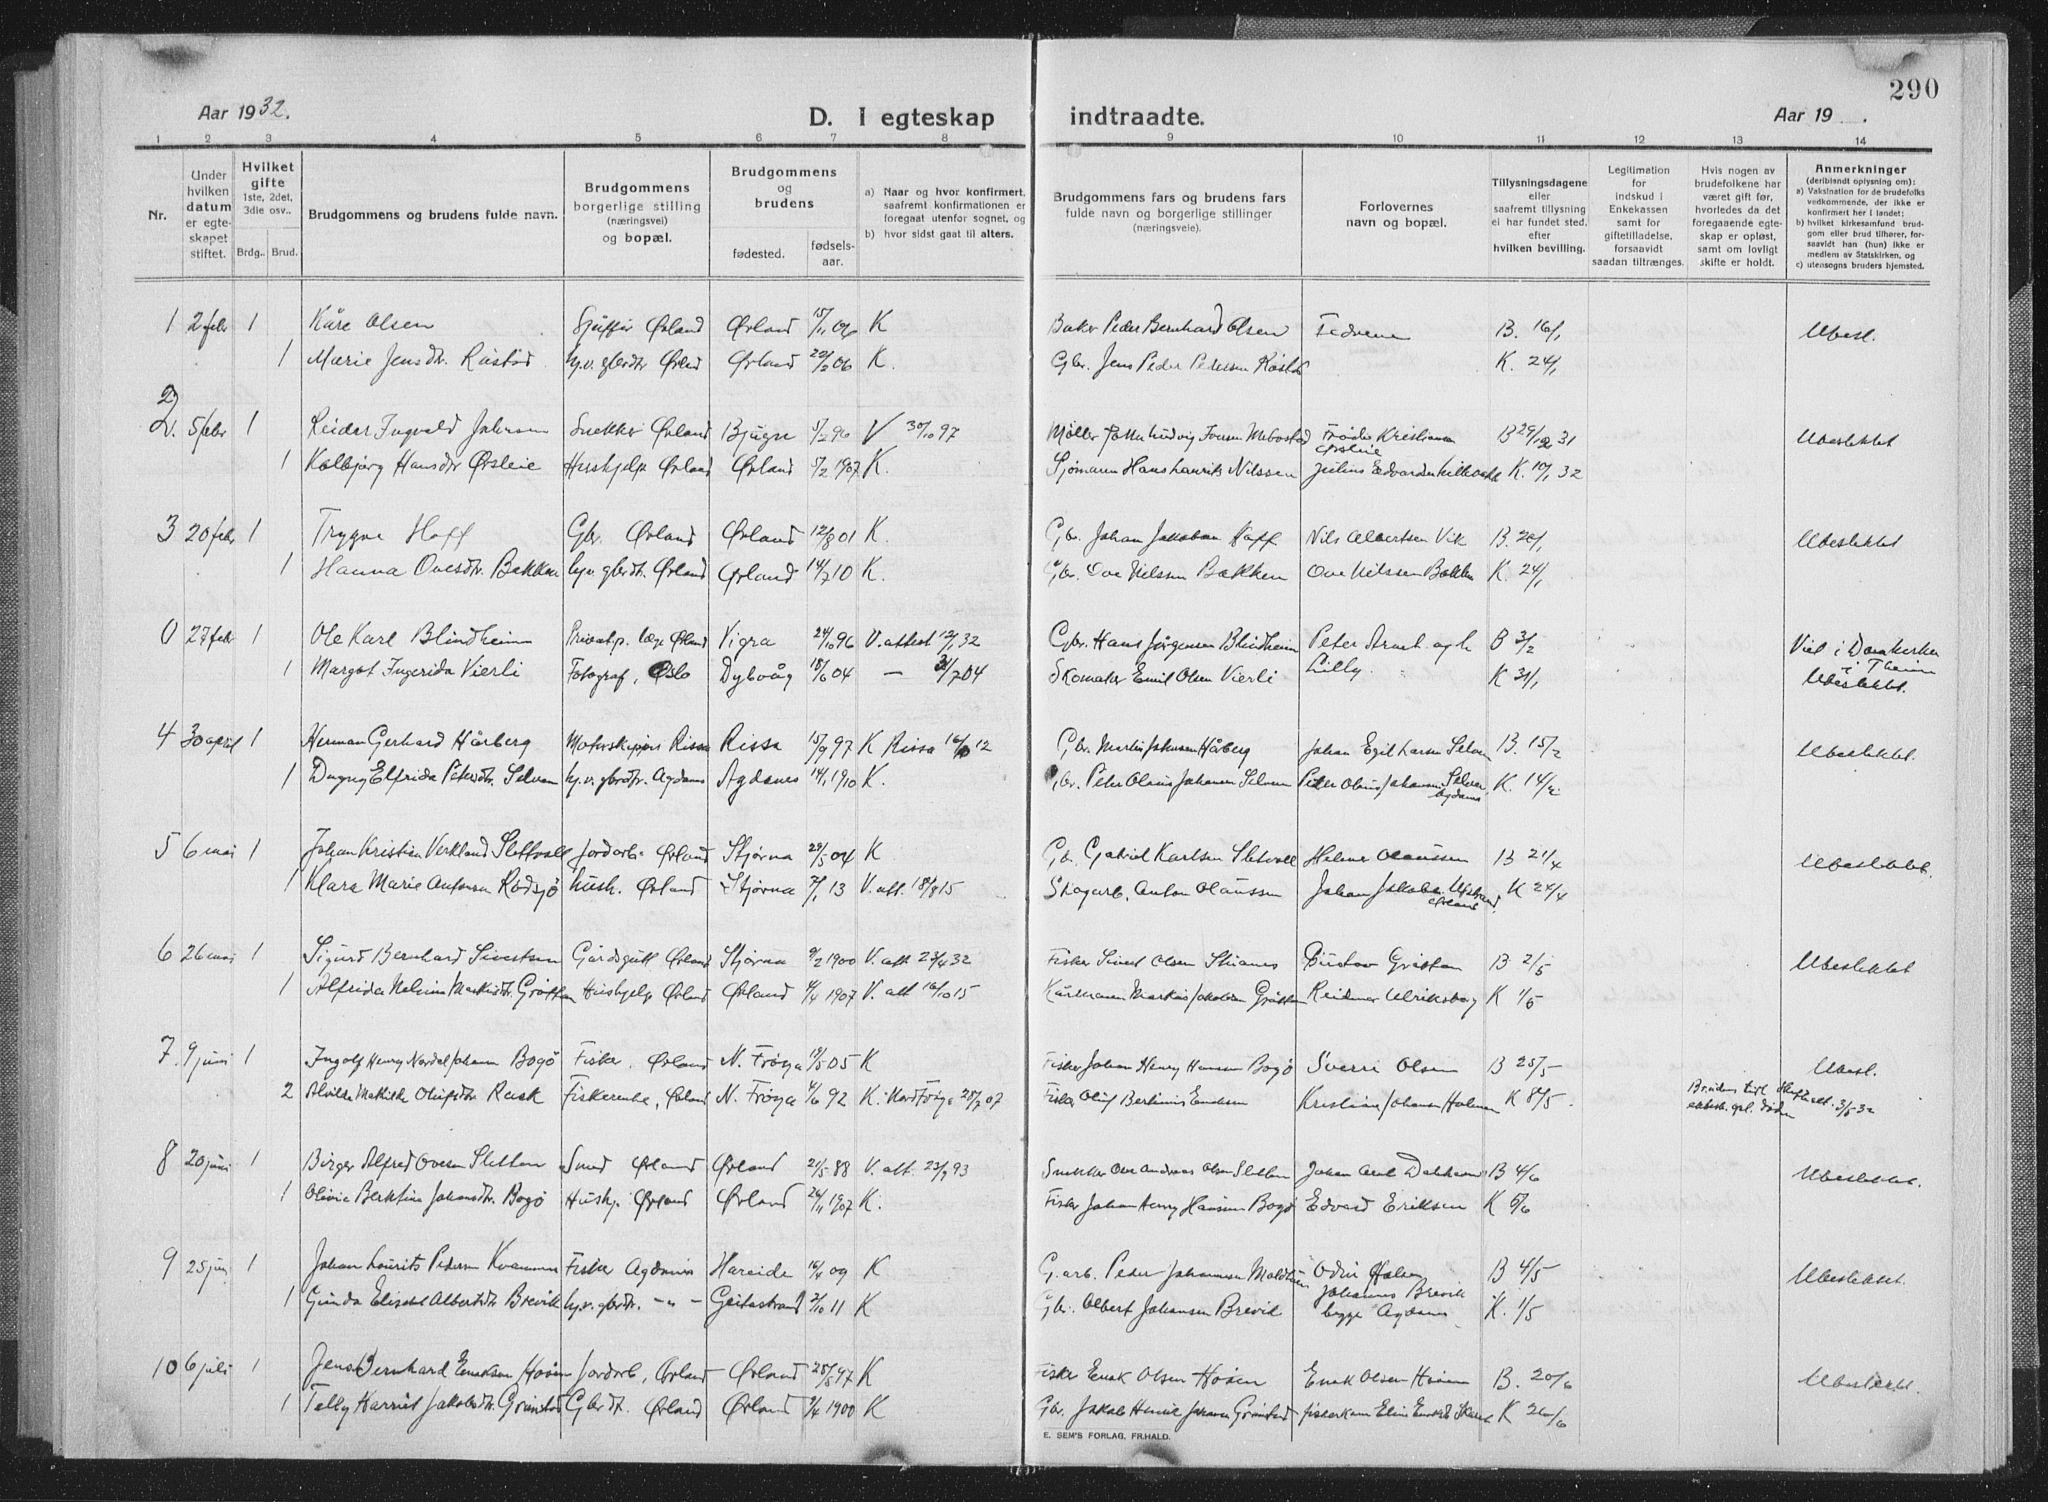 SAT, Ministerialprotokoller, klokkerbøker og fødselsregistre - Sør-Trøndelag, 659/L0747: Klokkerbok nr. 659C04, 1913-1938, s. 290